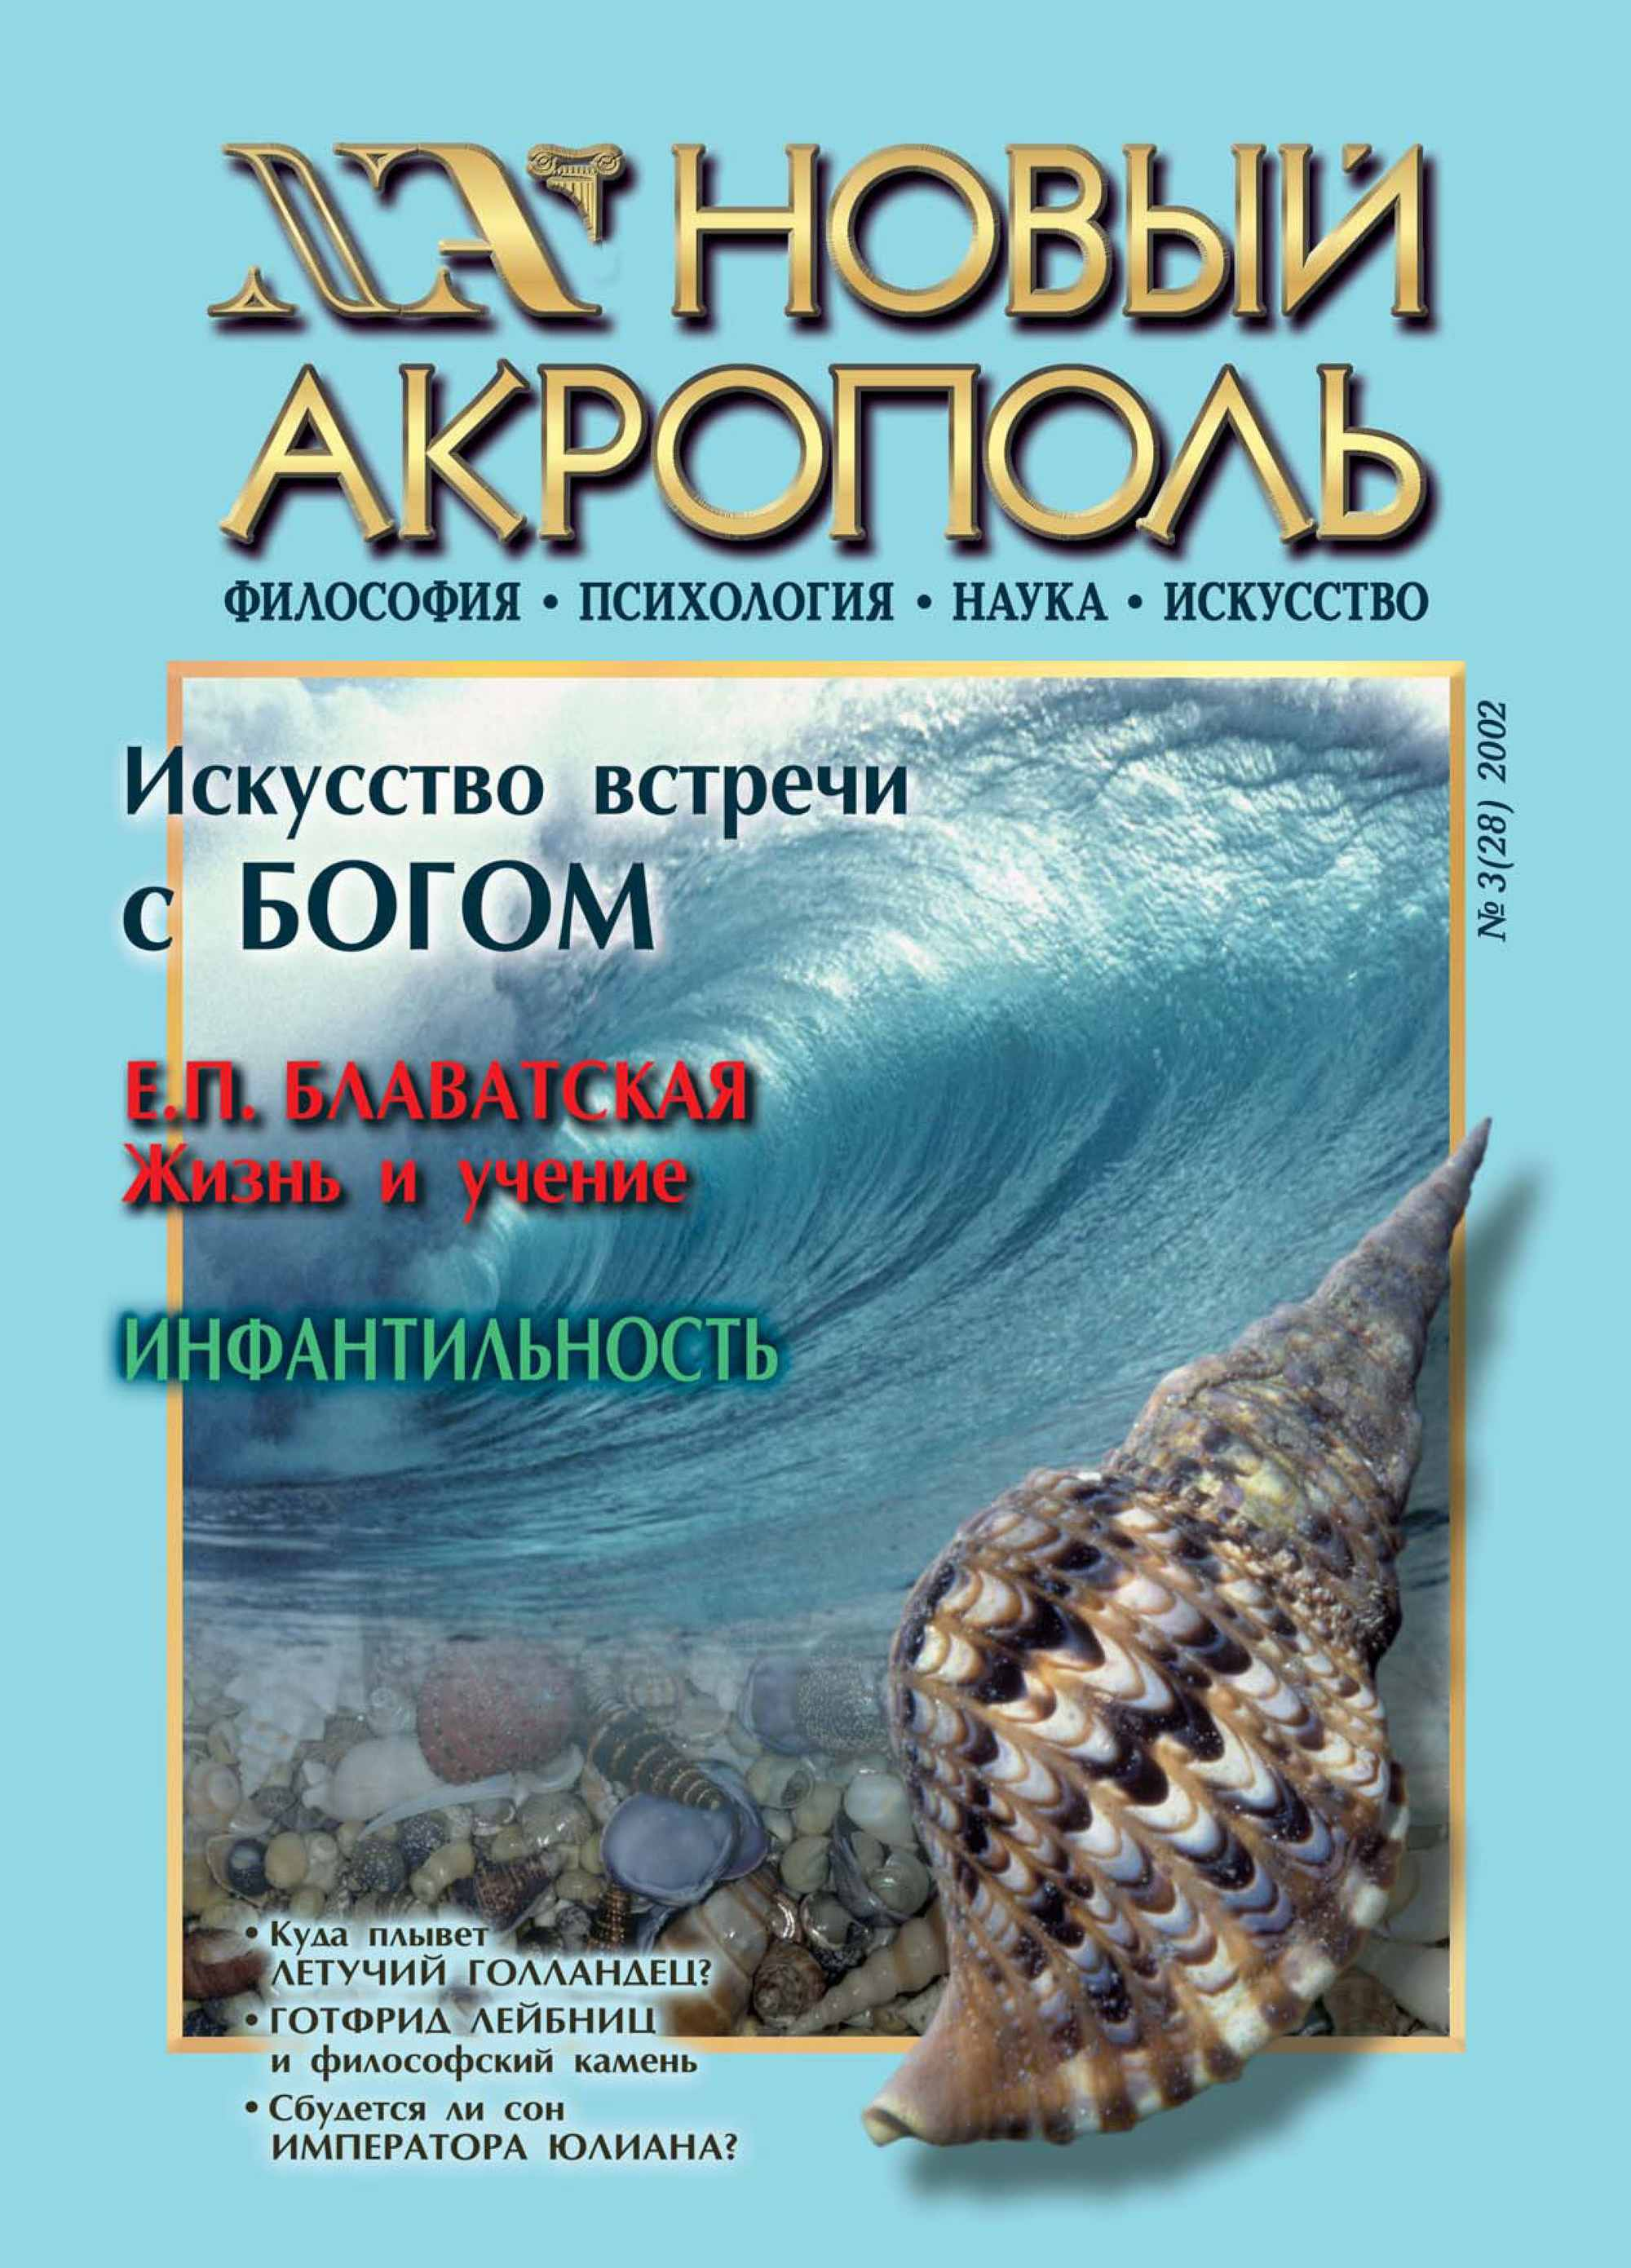 Отсутствует Новый Акрополь №03/2002 отсутствует новый акрополь 03 2004